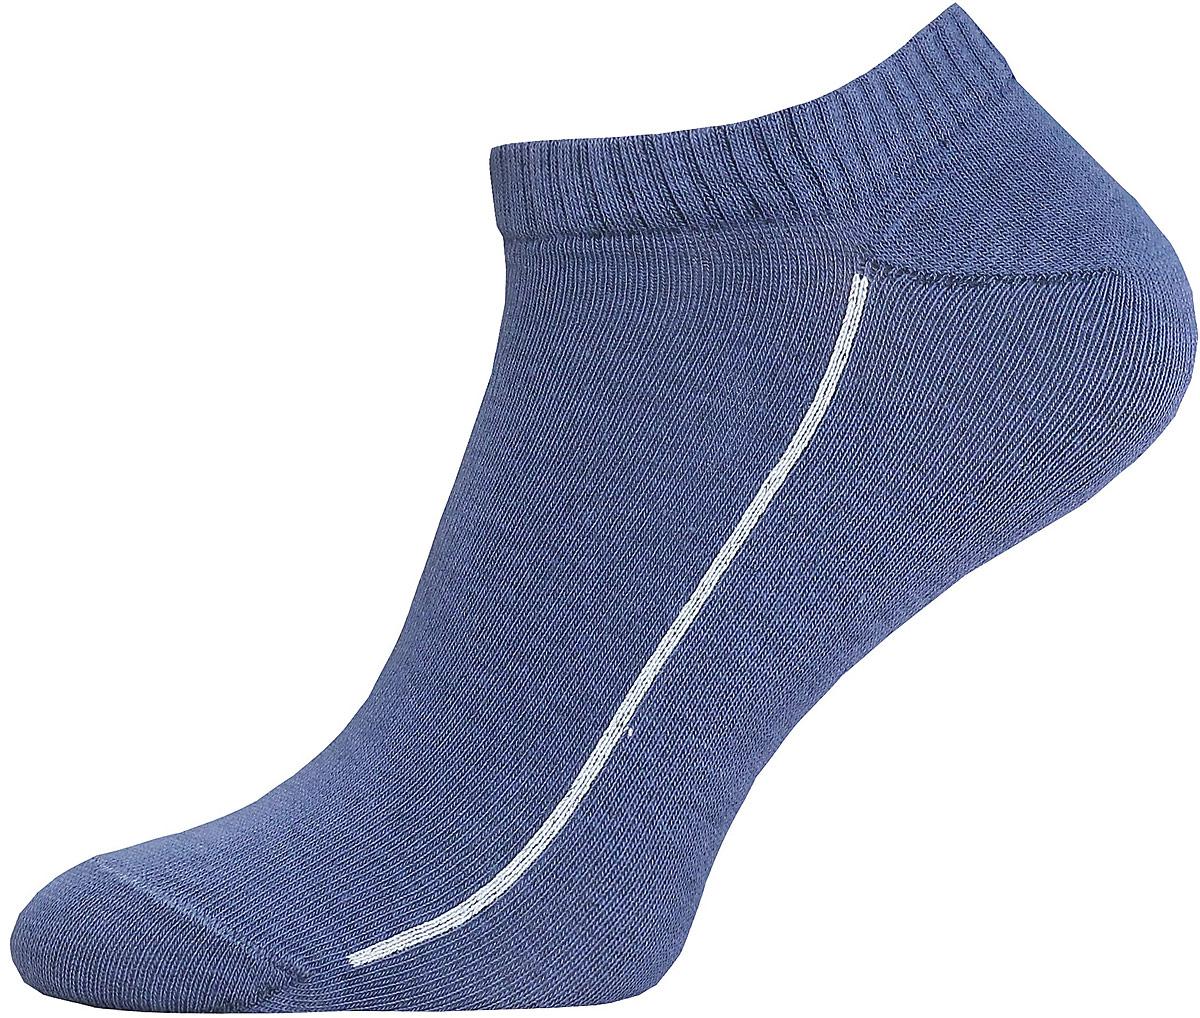 Носки мужские Брестские Active, цвет: джинс. 14С2312/006. Размер 2514С2312/006Мужские носки Брестские Active, изготовленные из хлопка с добавлением полиэстера и эластана, идеально подойдут для занятий спортом. Укороченная модель имеет мягкую резинку с двойным бортом. Носки хорошо держат форму и обладают повышенной воздухопроницаемостью. Усиленные пятка и мысок обеспечивают надежность и долговечность.